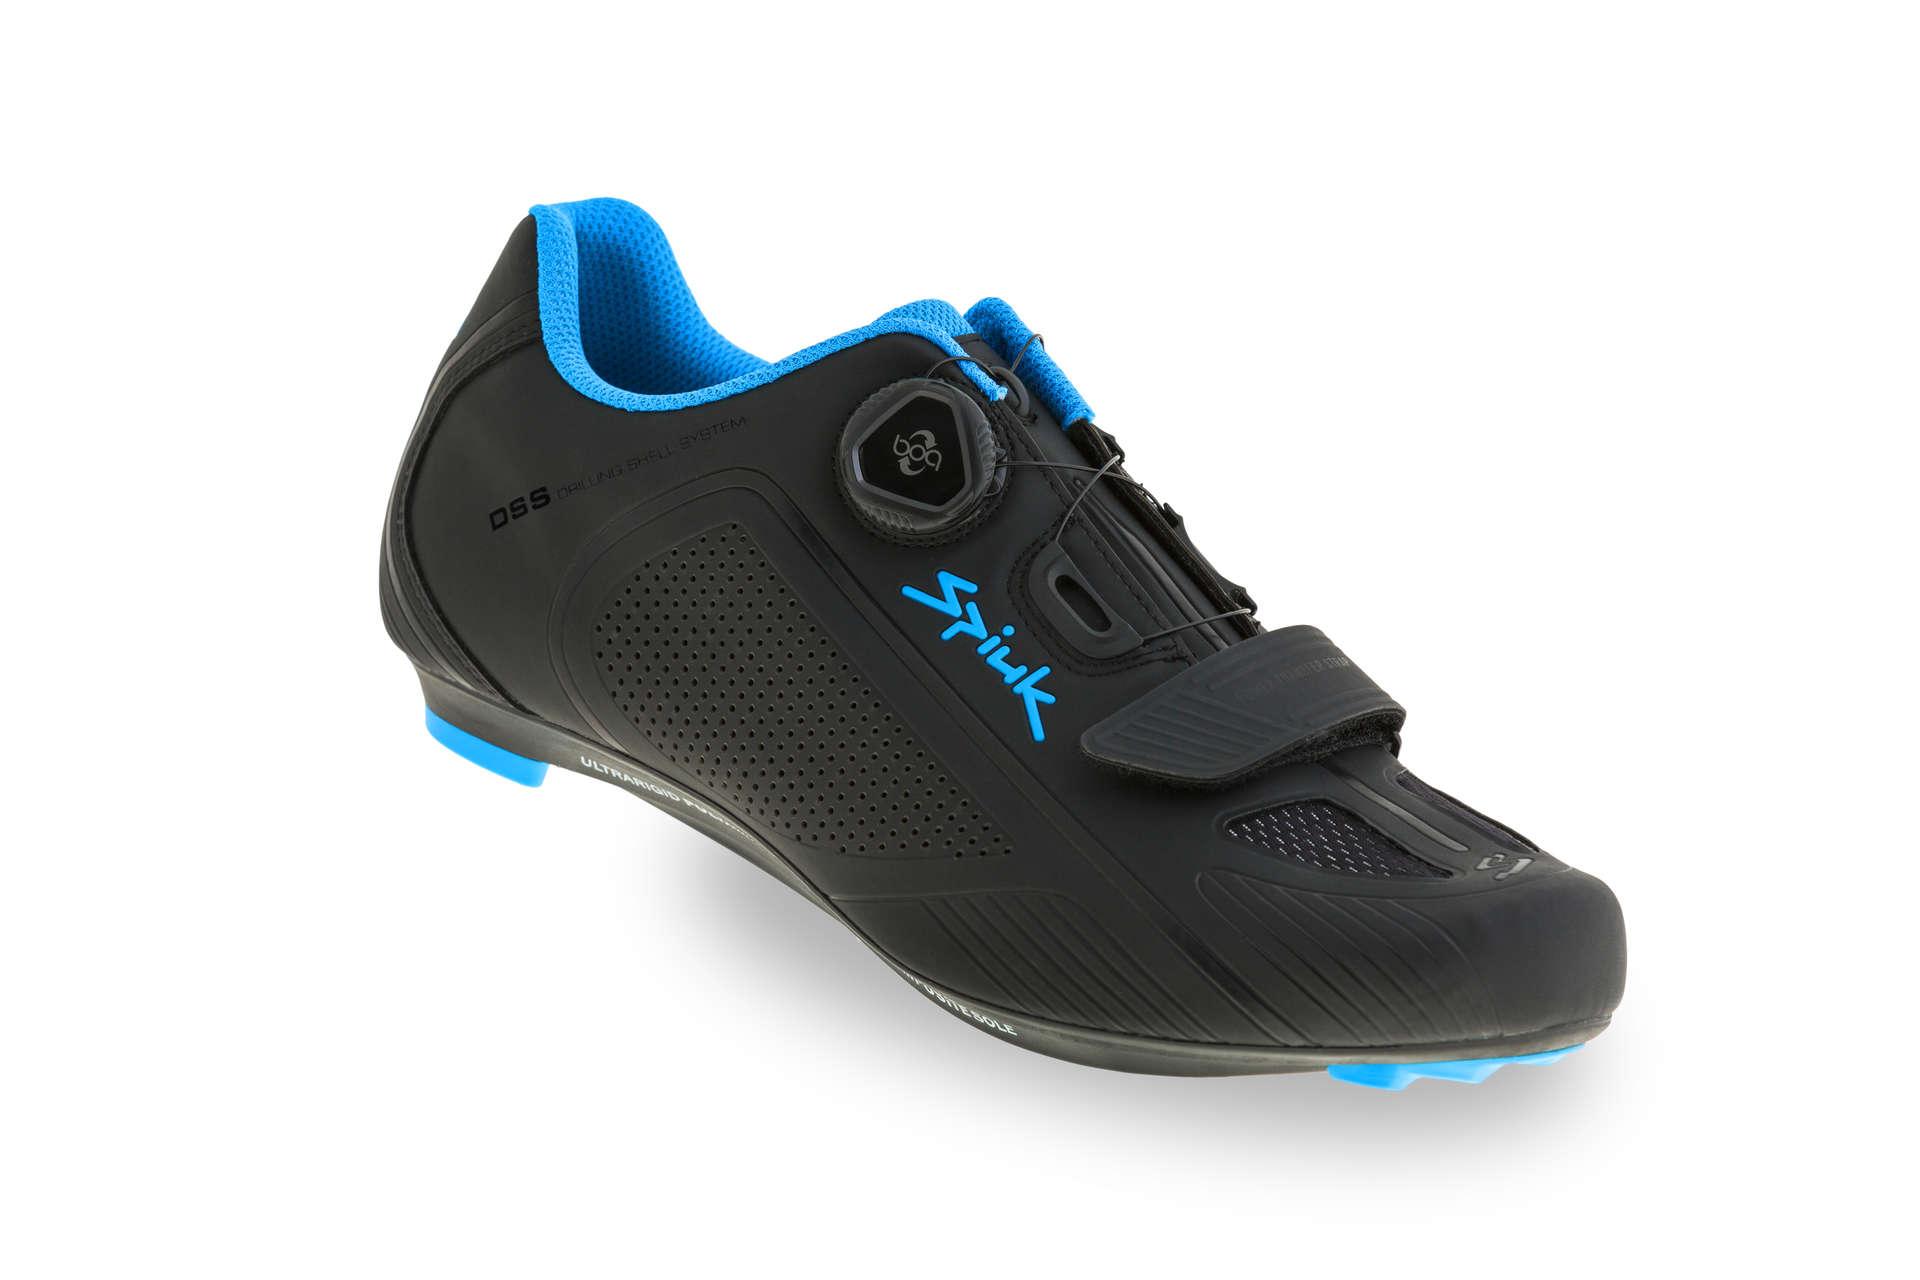 Chaussures Northwave Bleu Pour L'été Avec Des Hommes De Fermeture Velcro GYZnuBSD